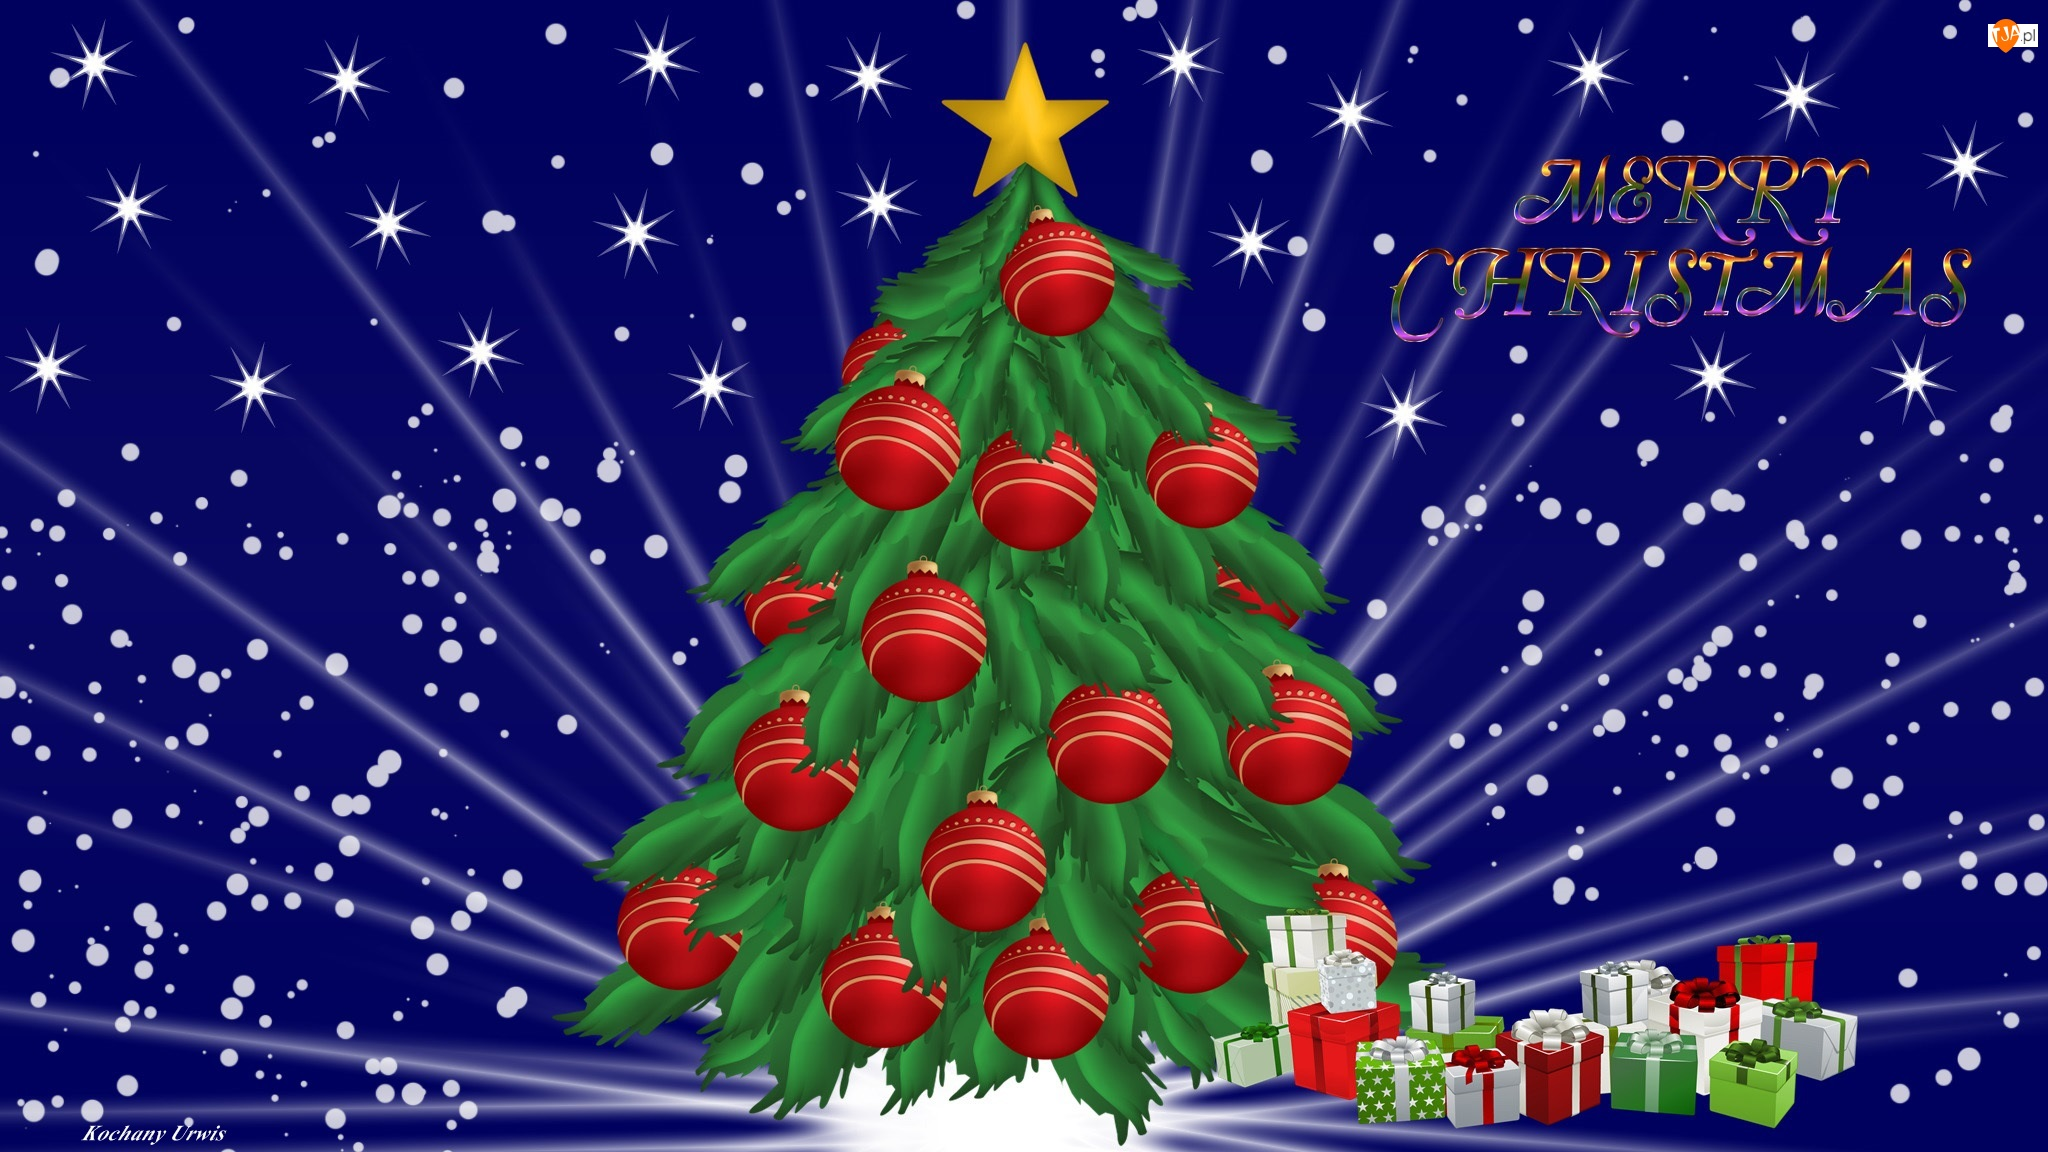 Bombki, Napis, Boże Narodzenie, Merry Christmas, Choinka, Prezenty